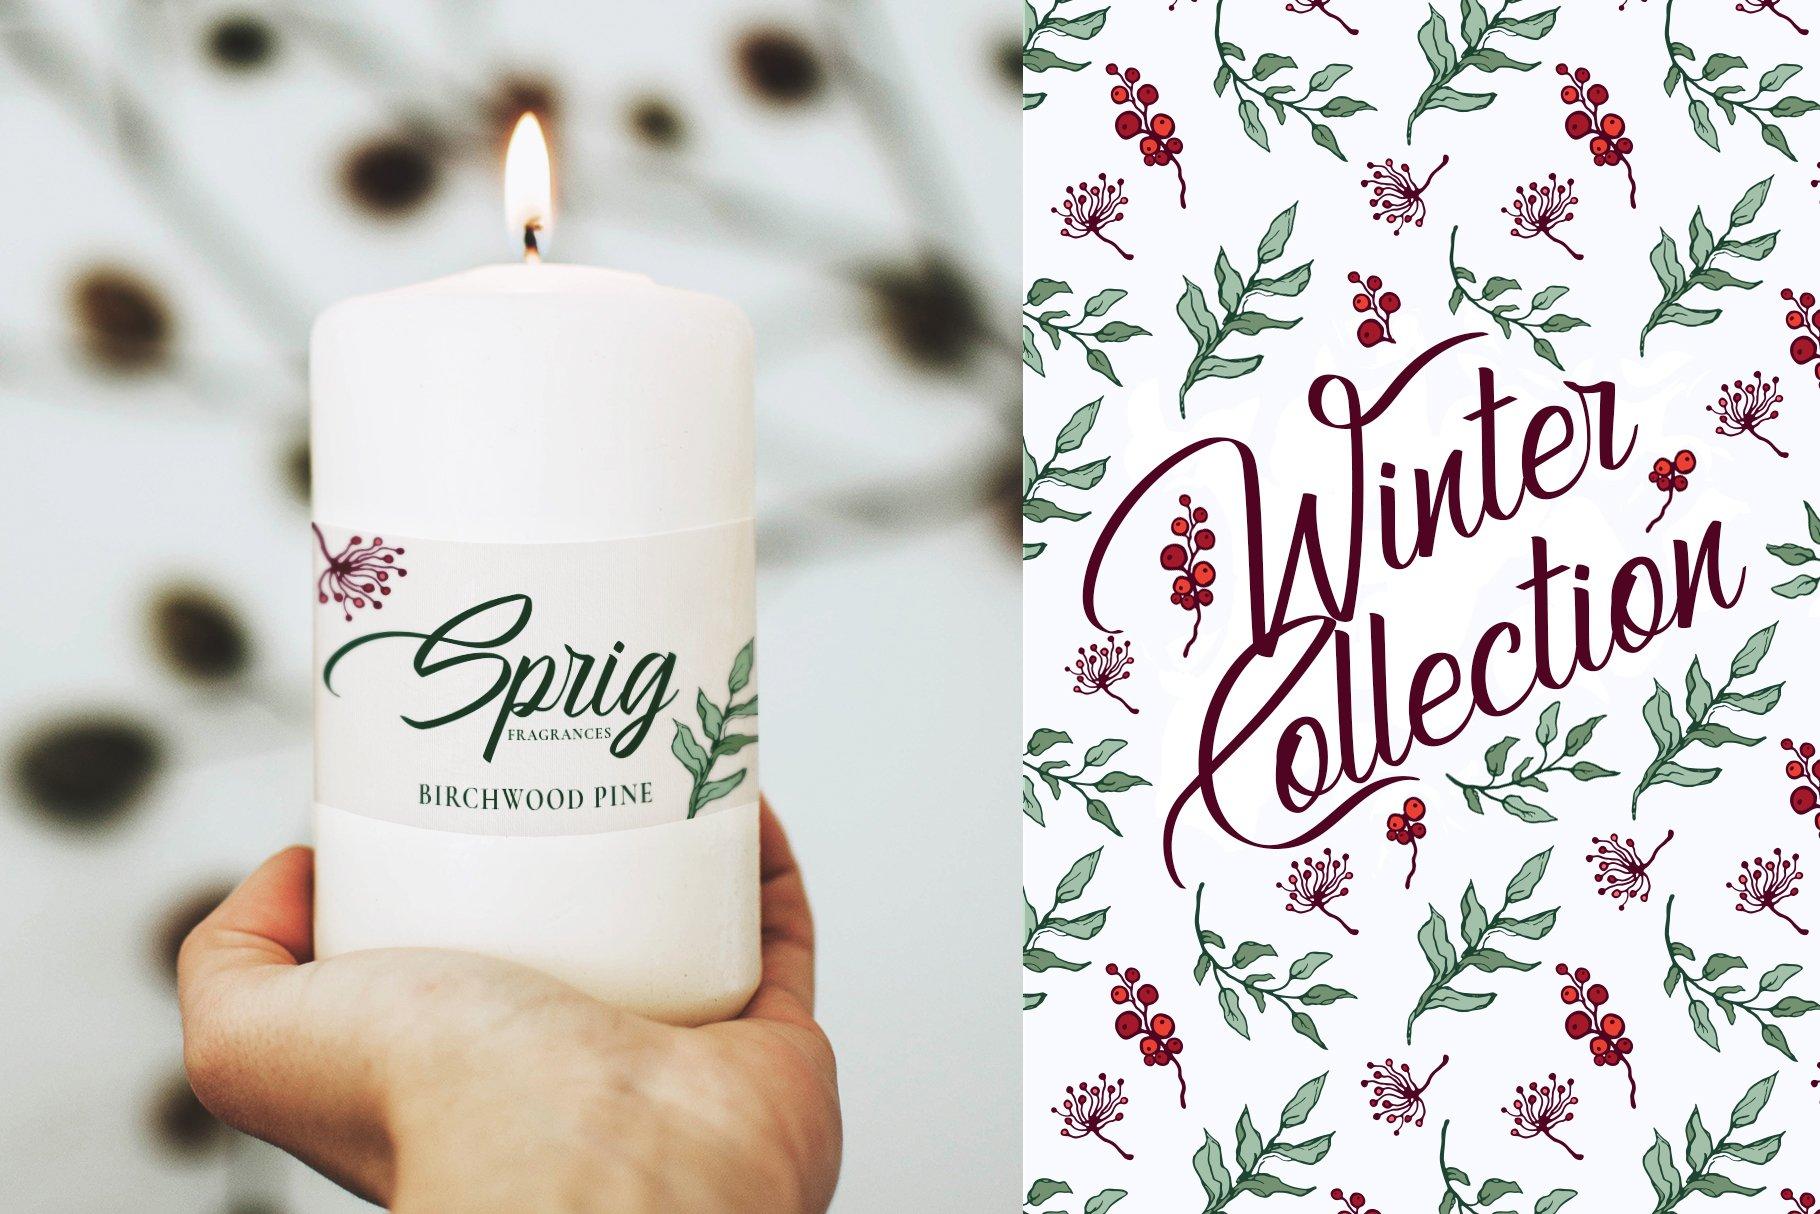 150多款时尚优雅花卉框架抽象形状手绘插画设计素材 Winter Floral Patterns & Elements插图17